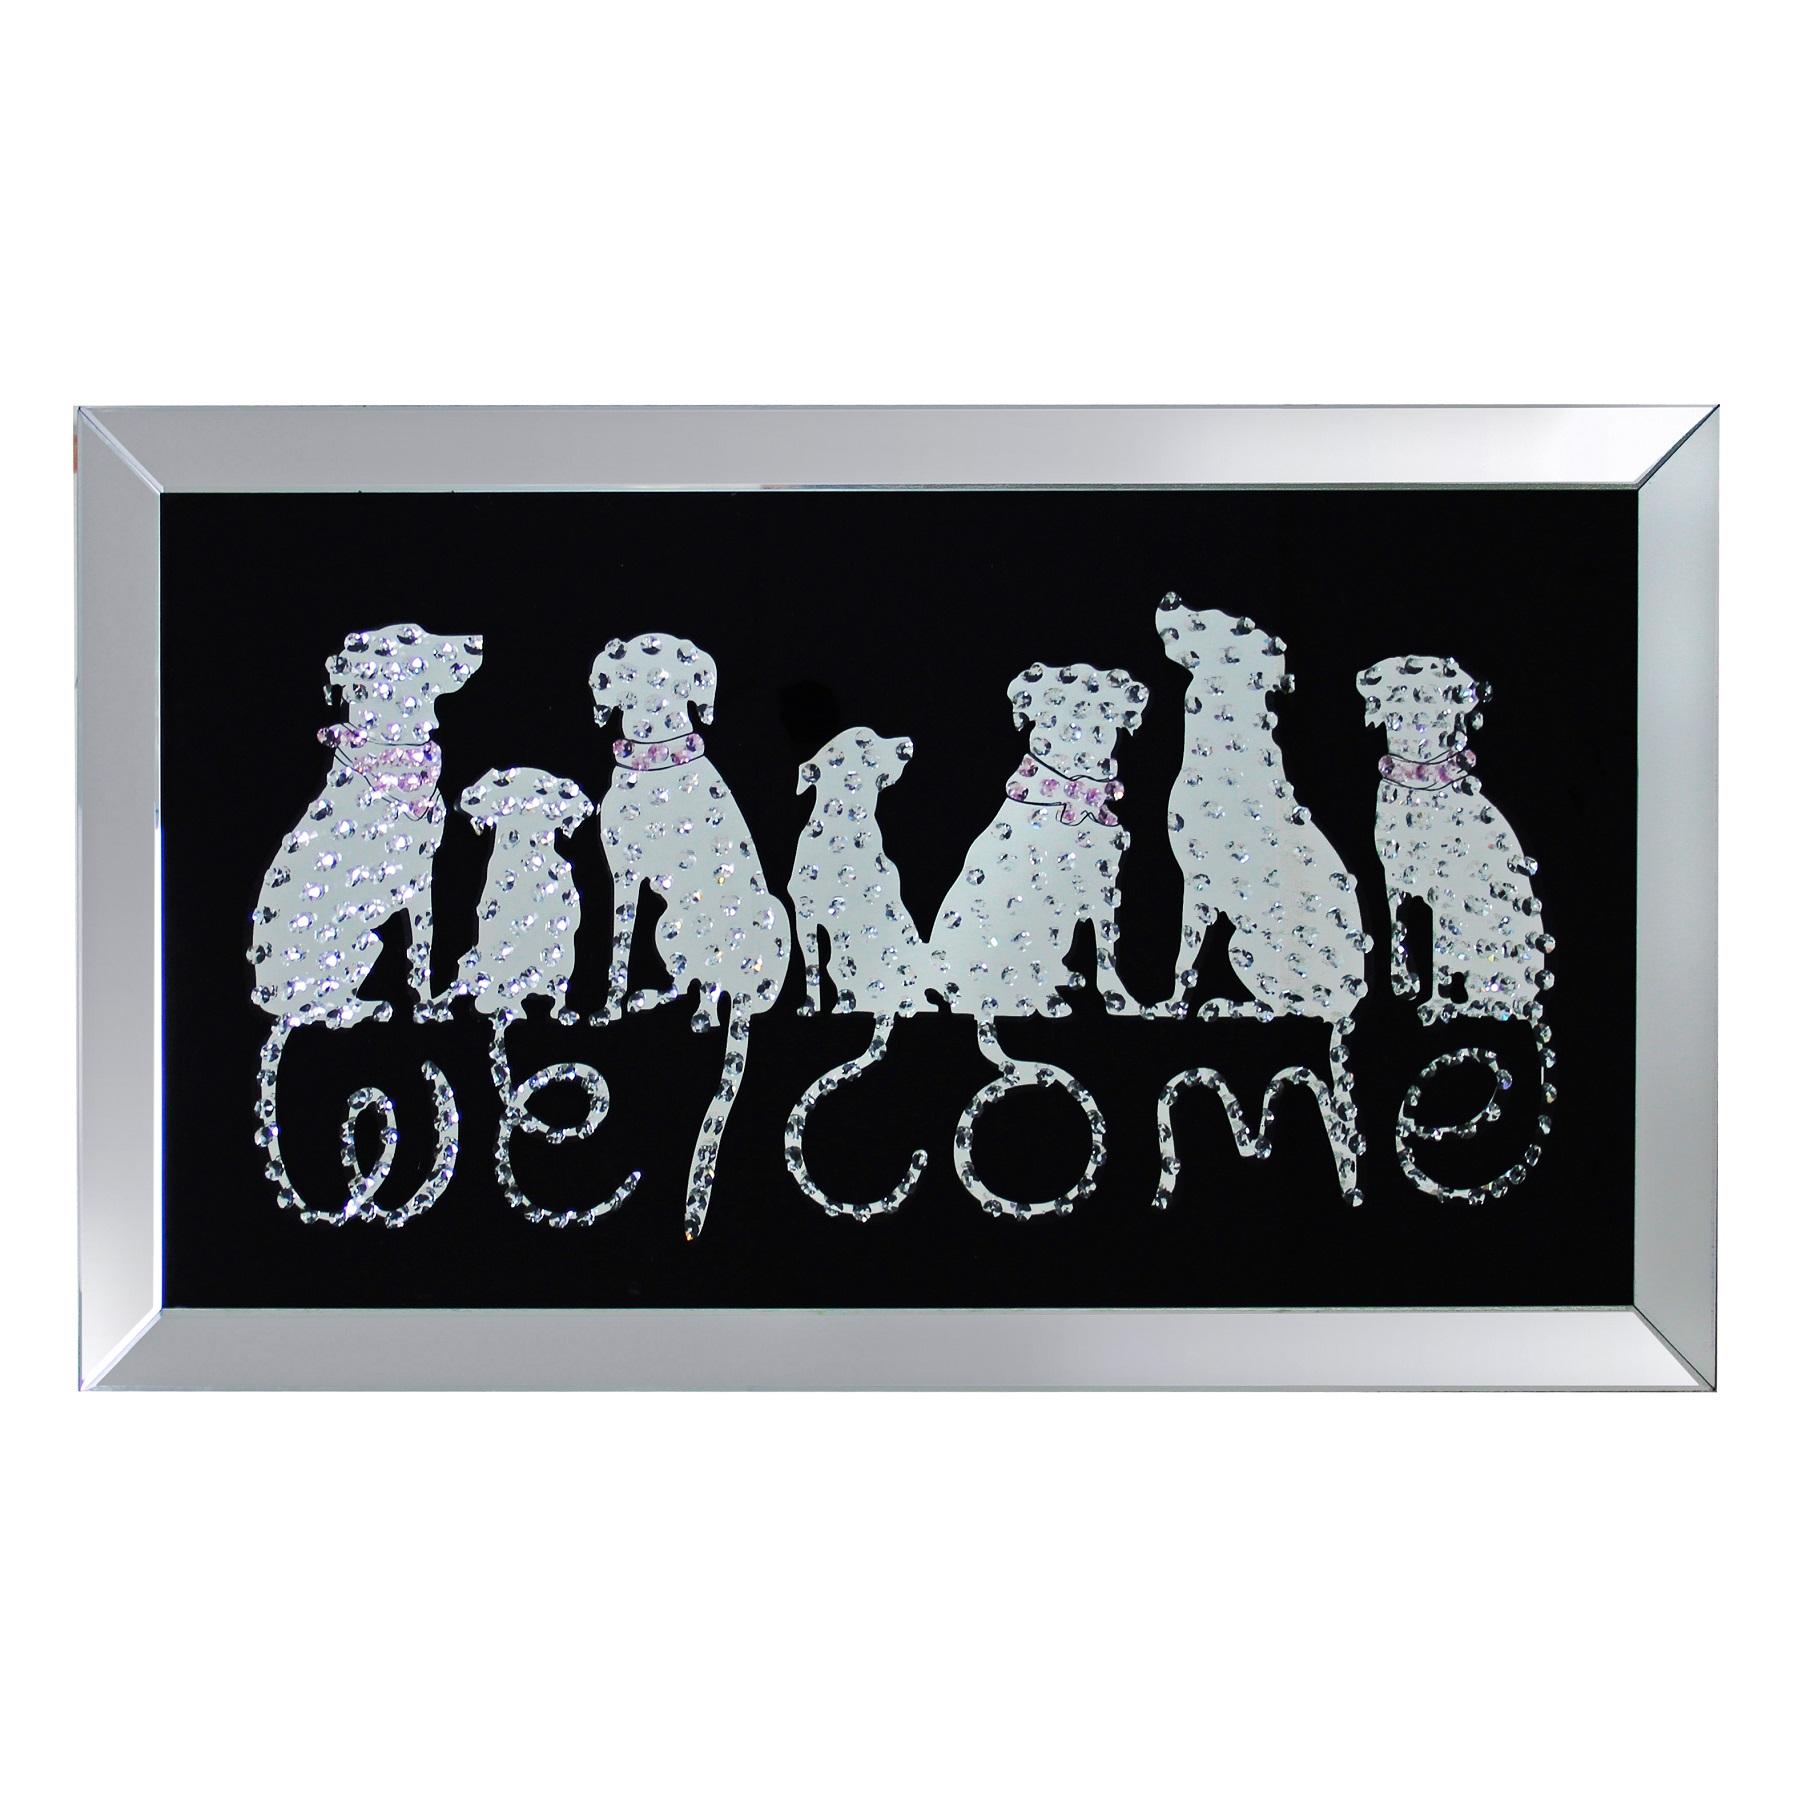 Купить Постер декоративный Welcome 120x70 см, inmyroom, Китай